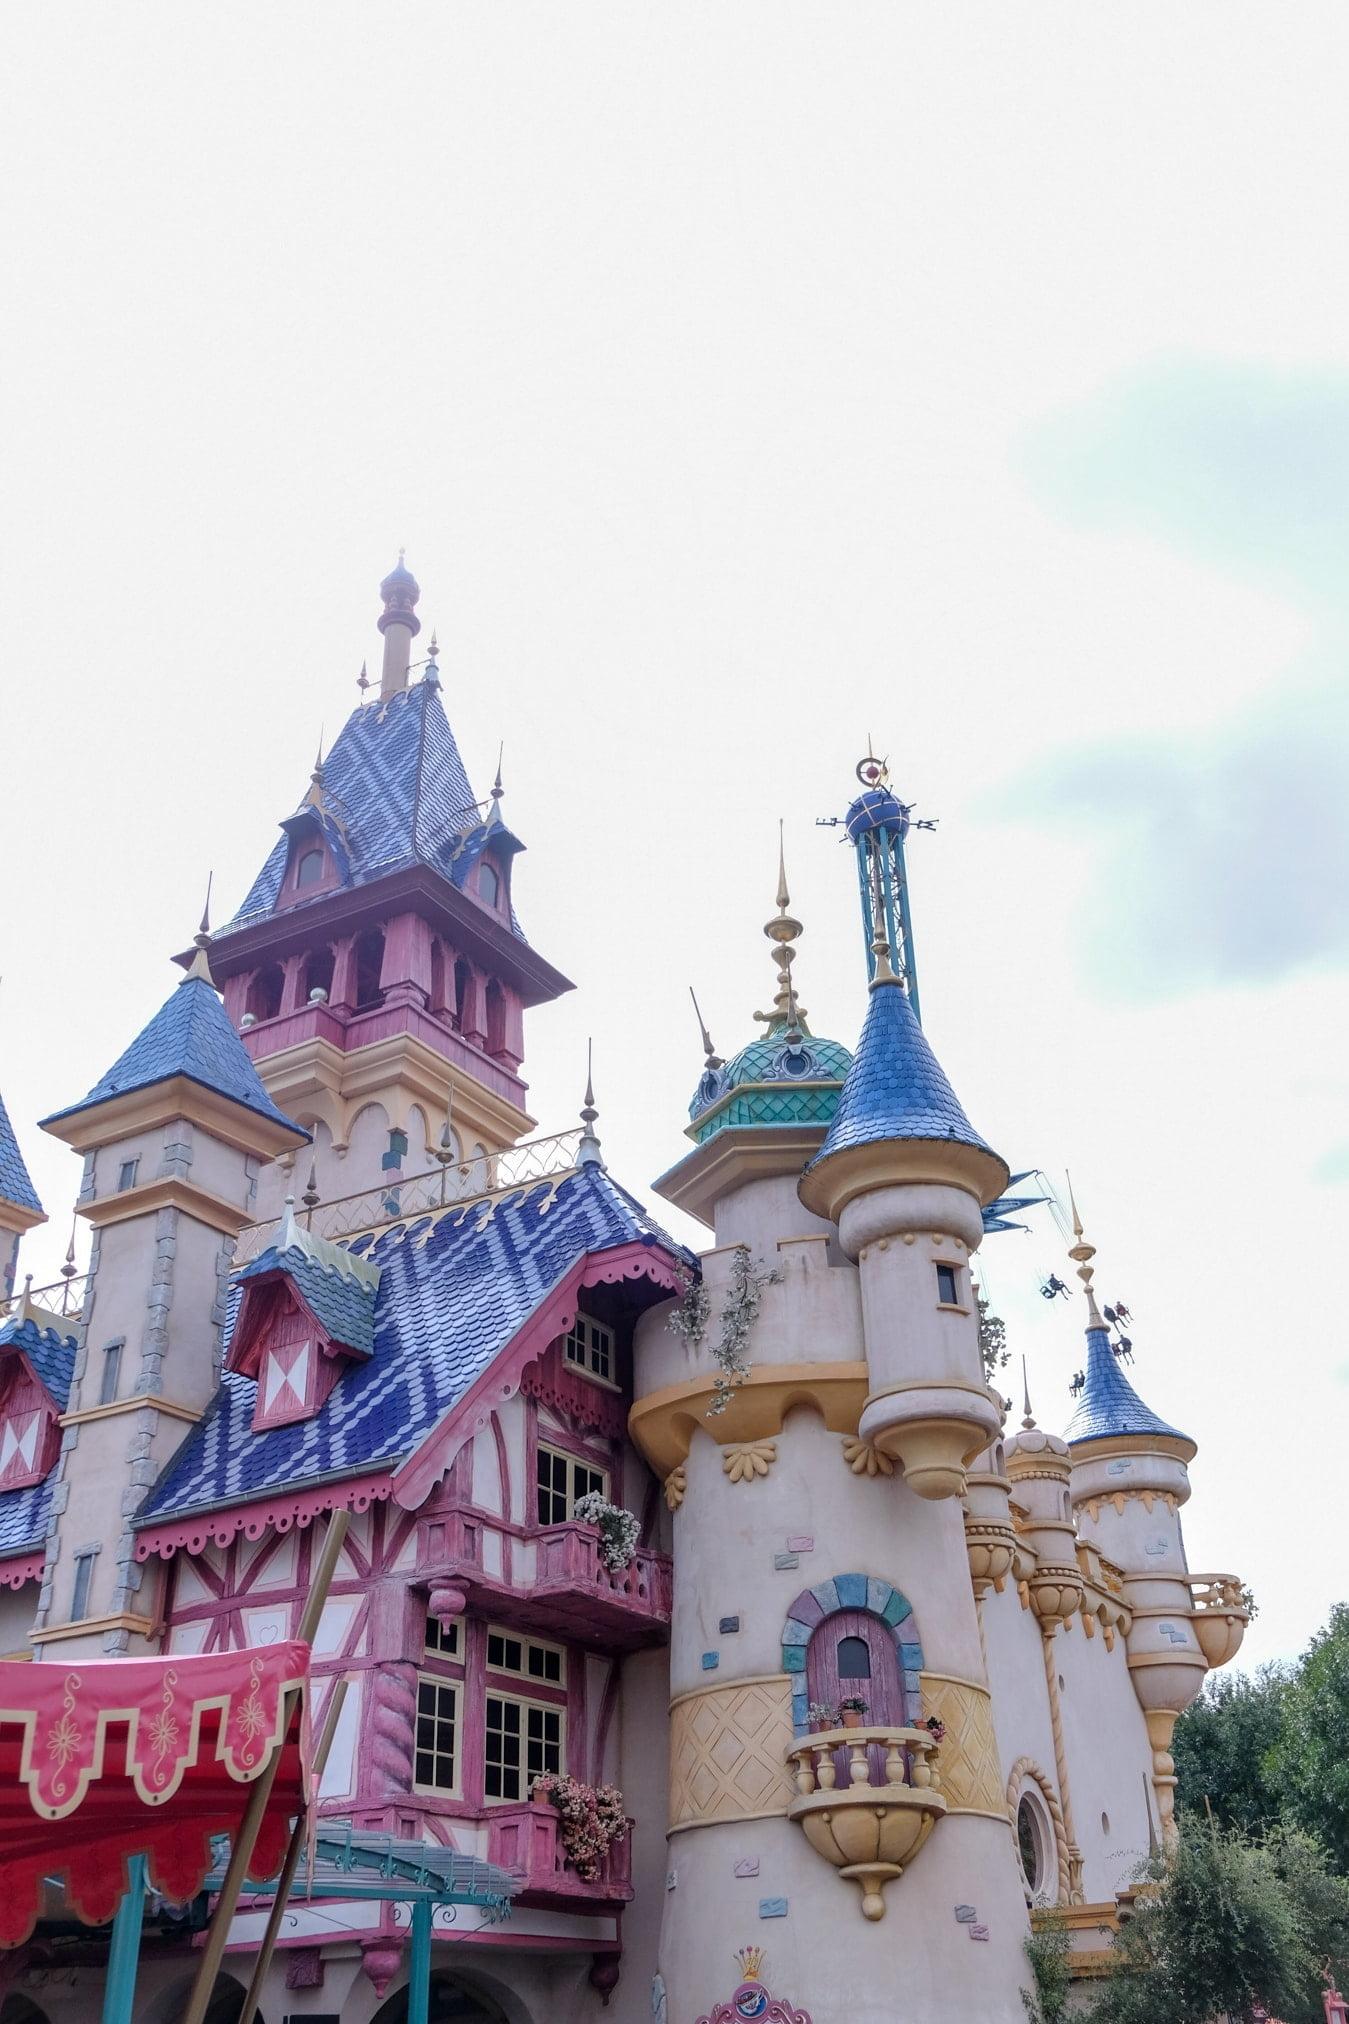 kasteel plopsaland de panne